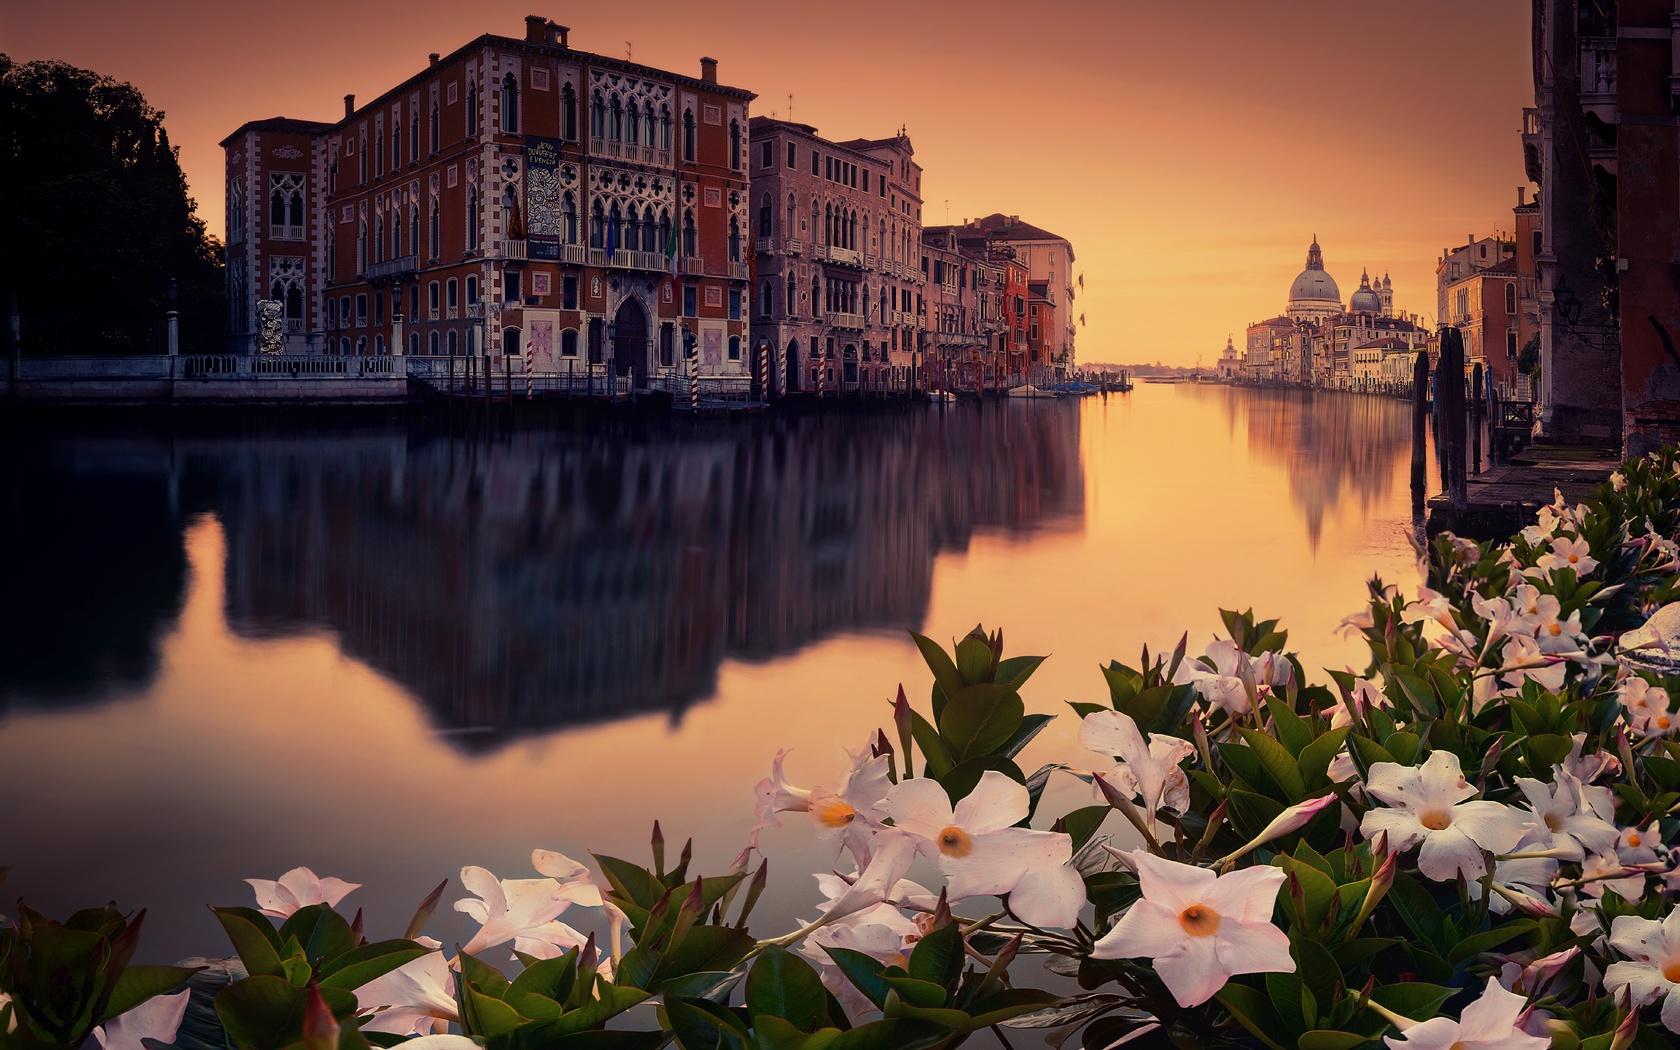 город, венеция, италия, канал, вода, здания, цветы, вечер